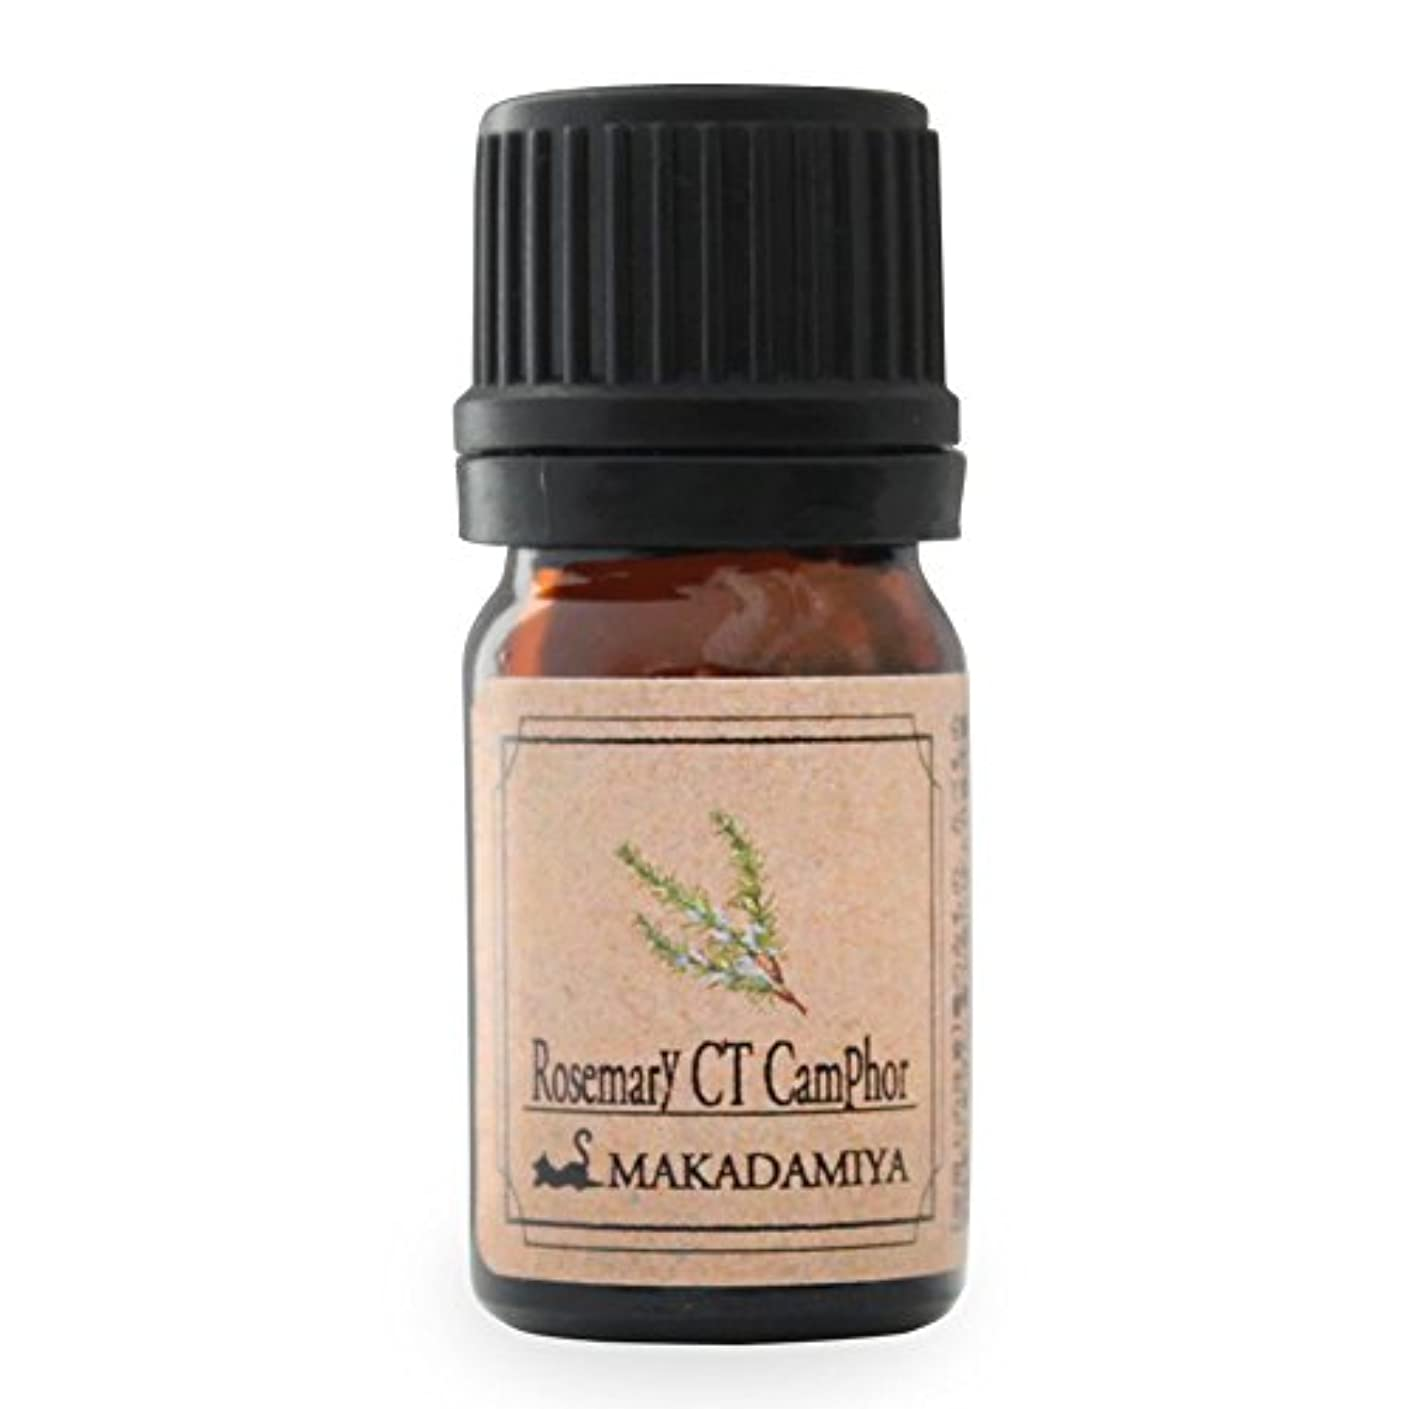 拮抗先住民動詞ローズマリーCTカンファー5ml 天然100%植物性 エッセンシャルオイル(精油) アロマオイル アロママッサージ aroma Rosemary